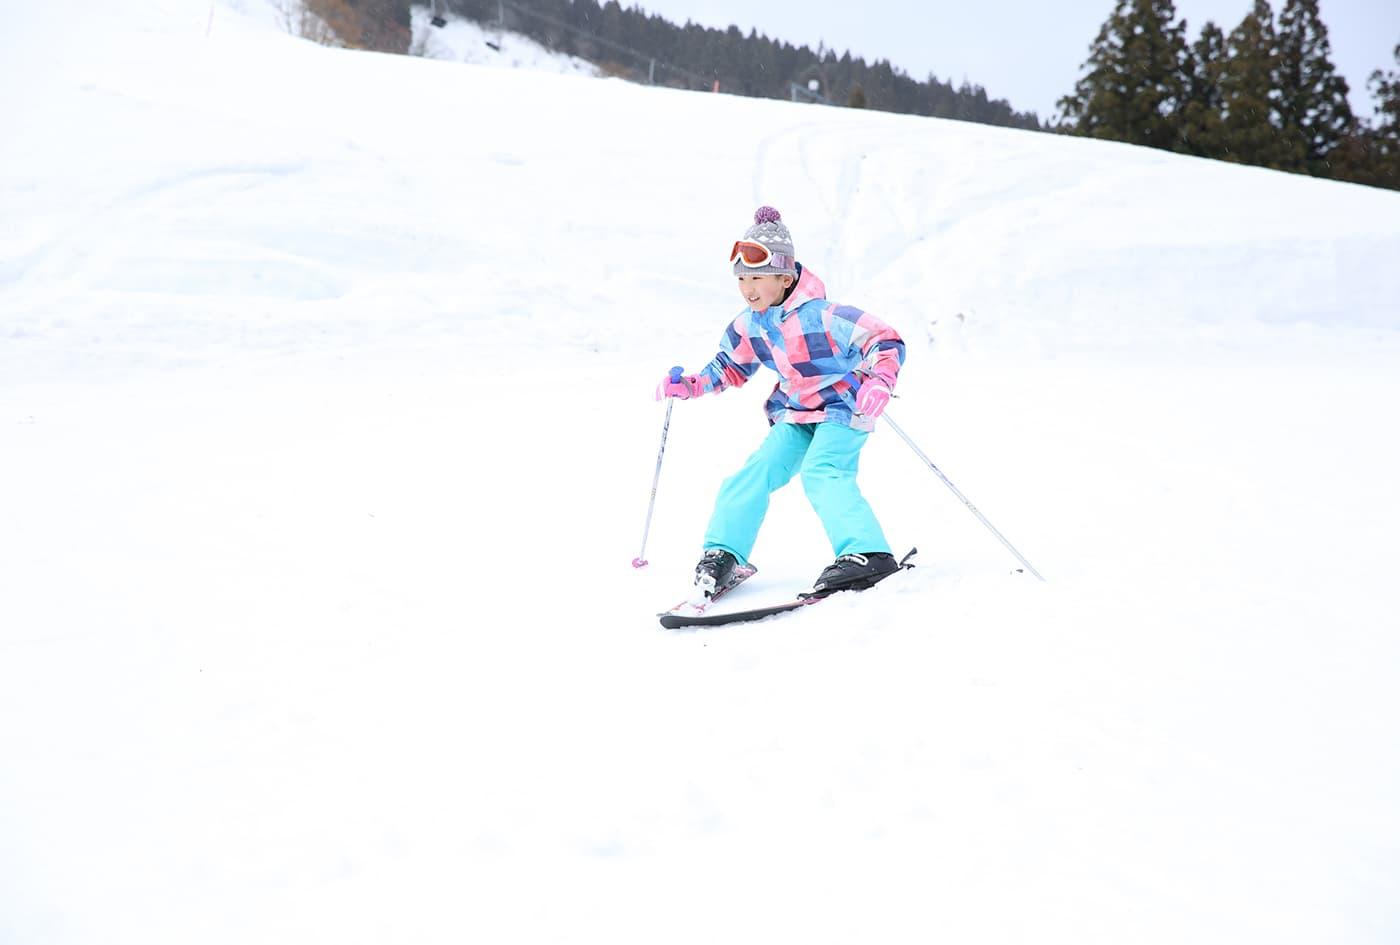 水上高原スキーリゾート みなかみドッグスポーツフェスタ | 群馬県